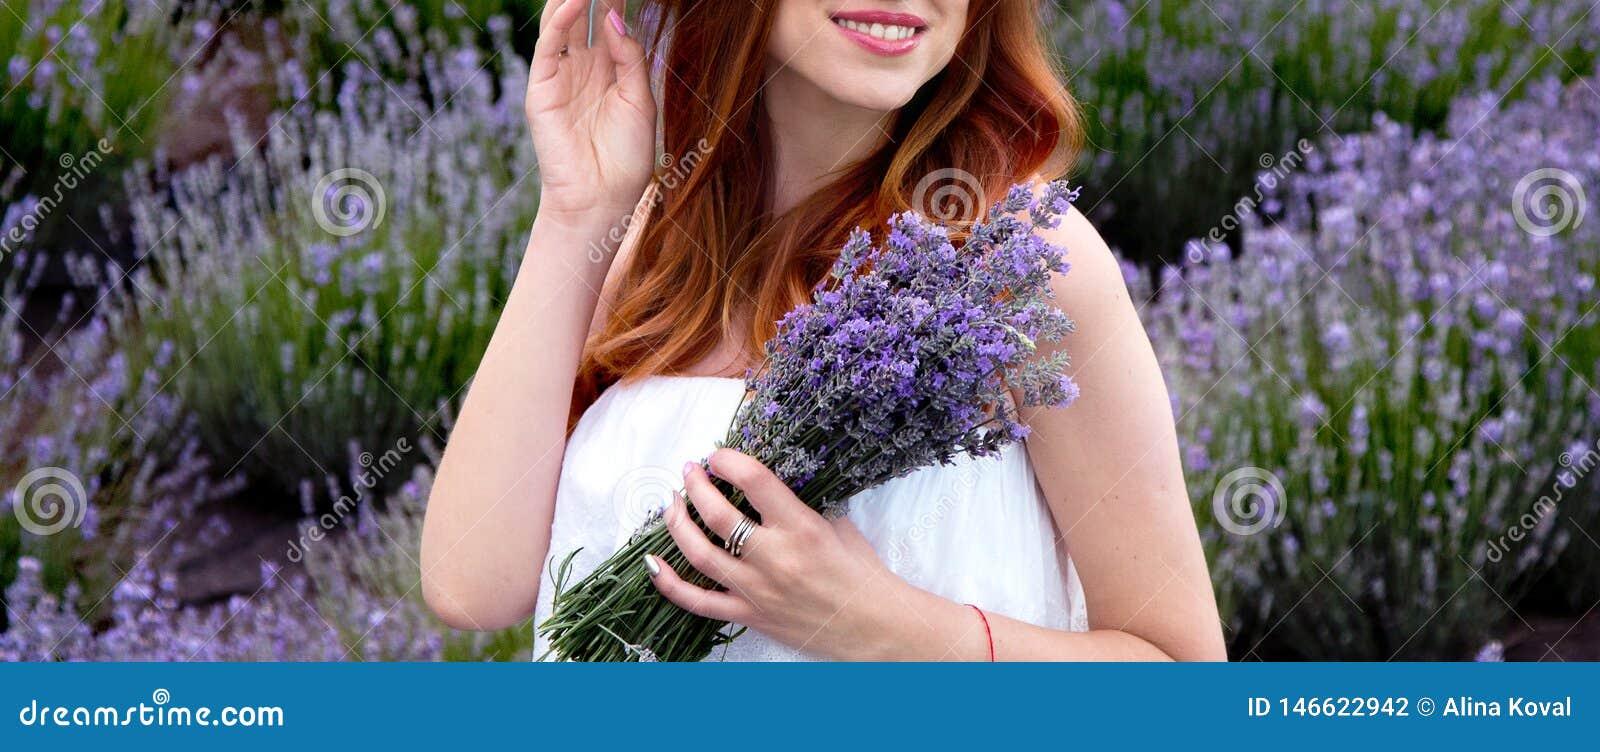 Έγκυο κορίτσι lavender στο θερινό κήπο